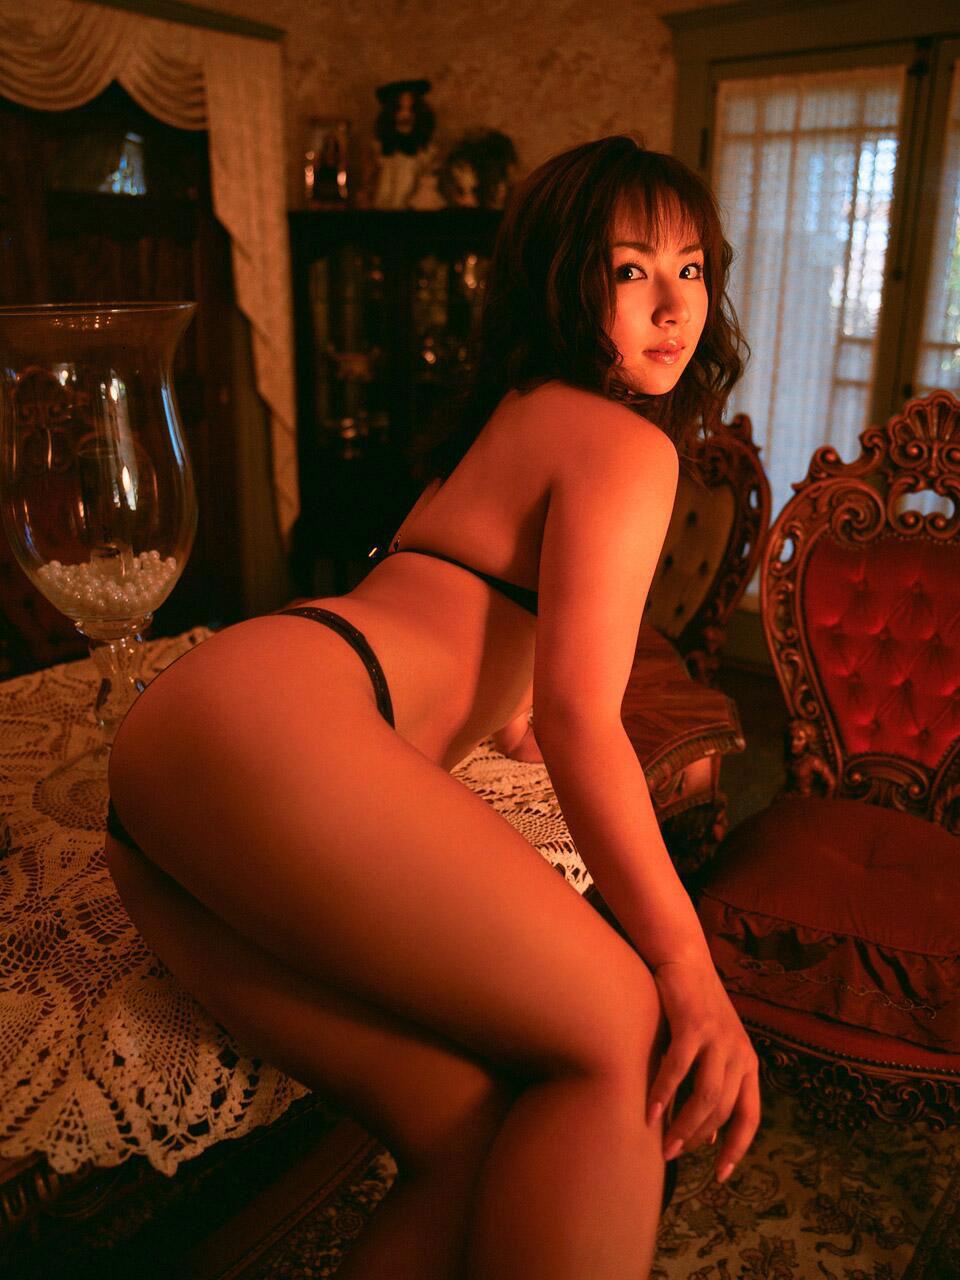 【美尻エロ画像】挿入を求めているのか、叩かれるのを待っているのか、判断に困る美尻www 16